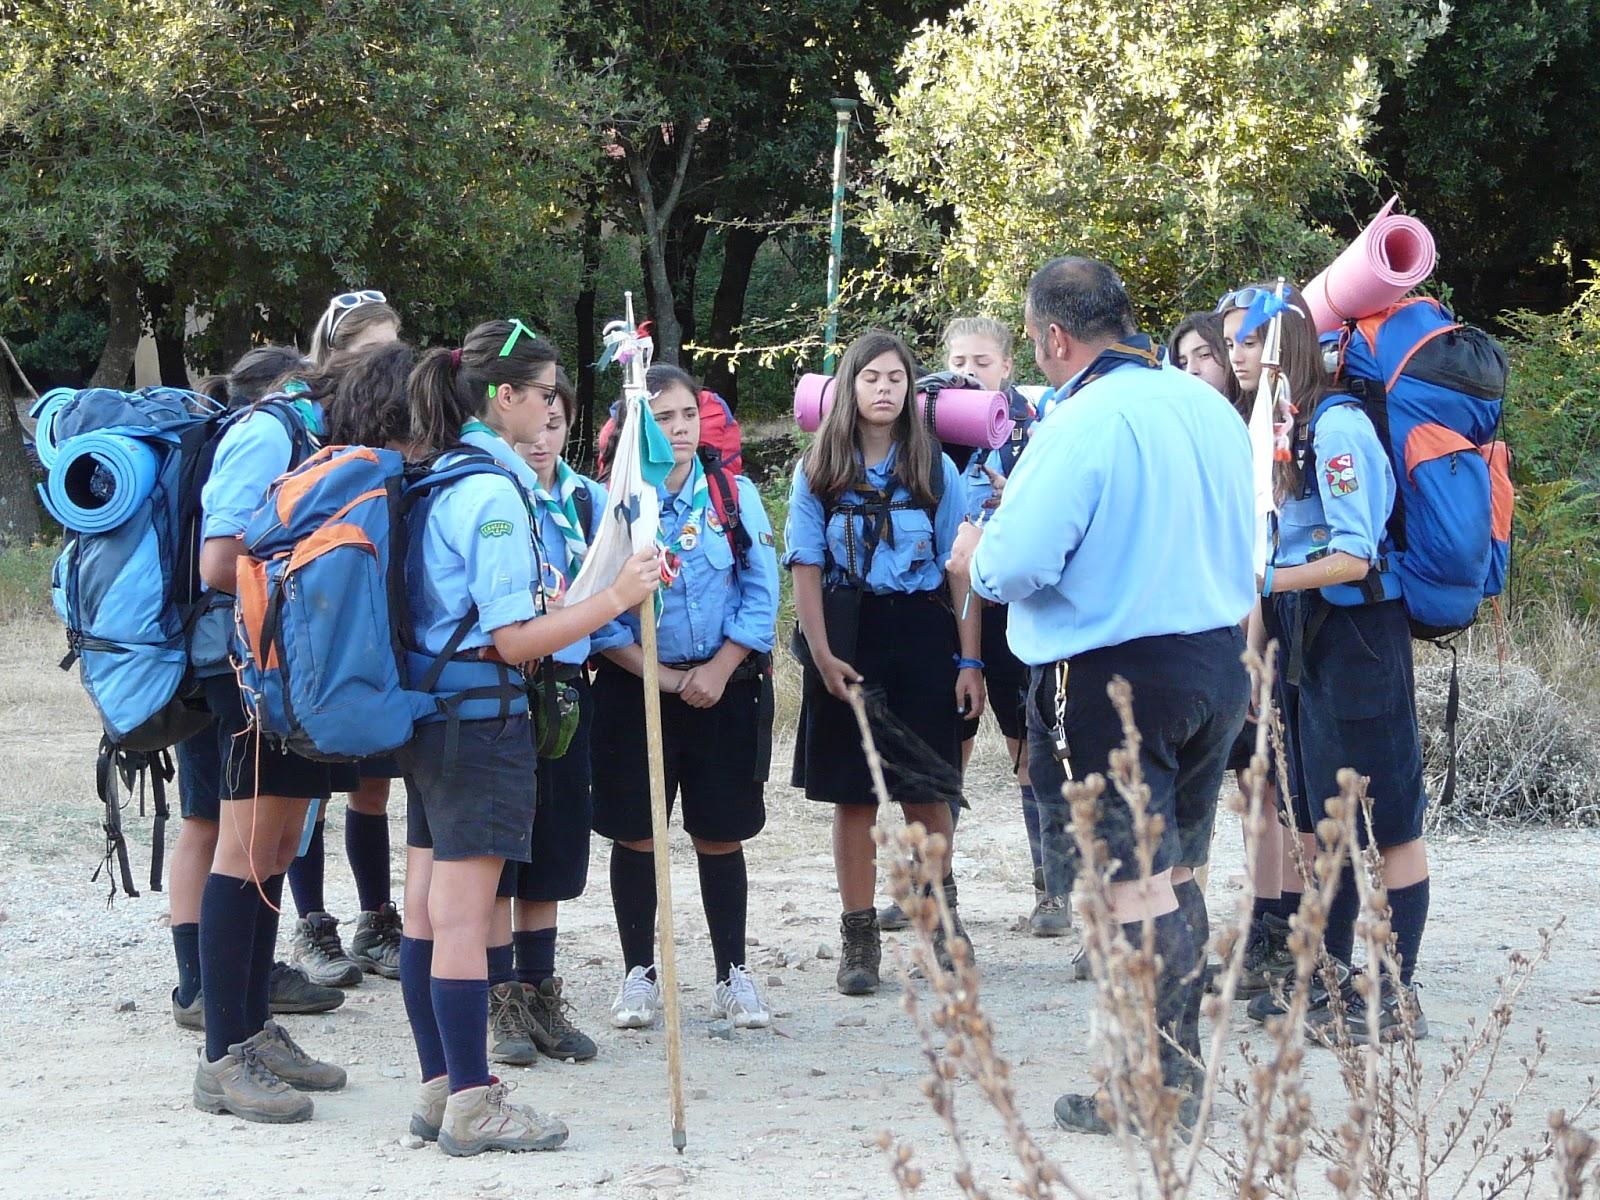 Scout cagliari 4 la fenice la squadriglia pilastro - Pilastro portante ...